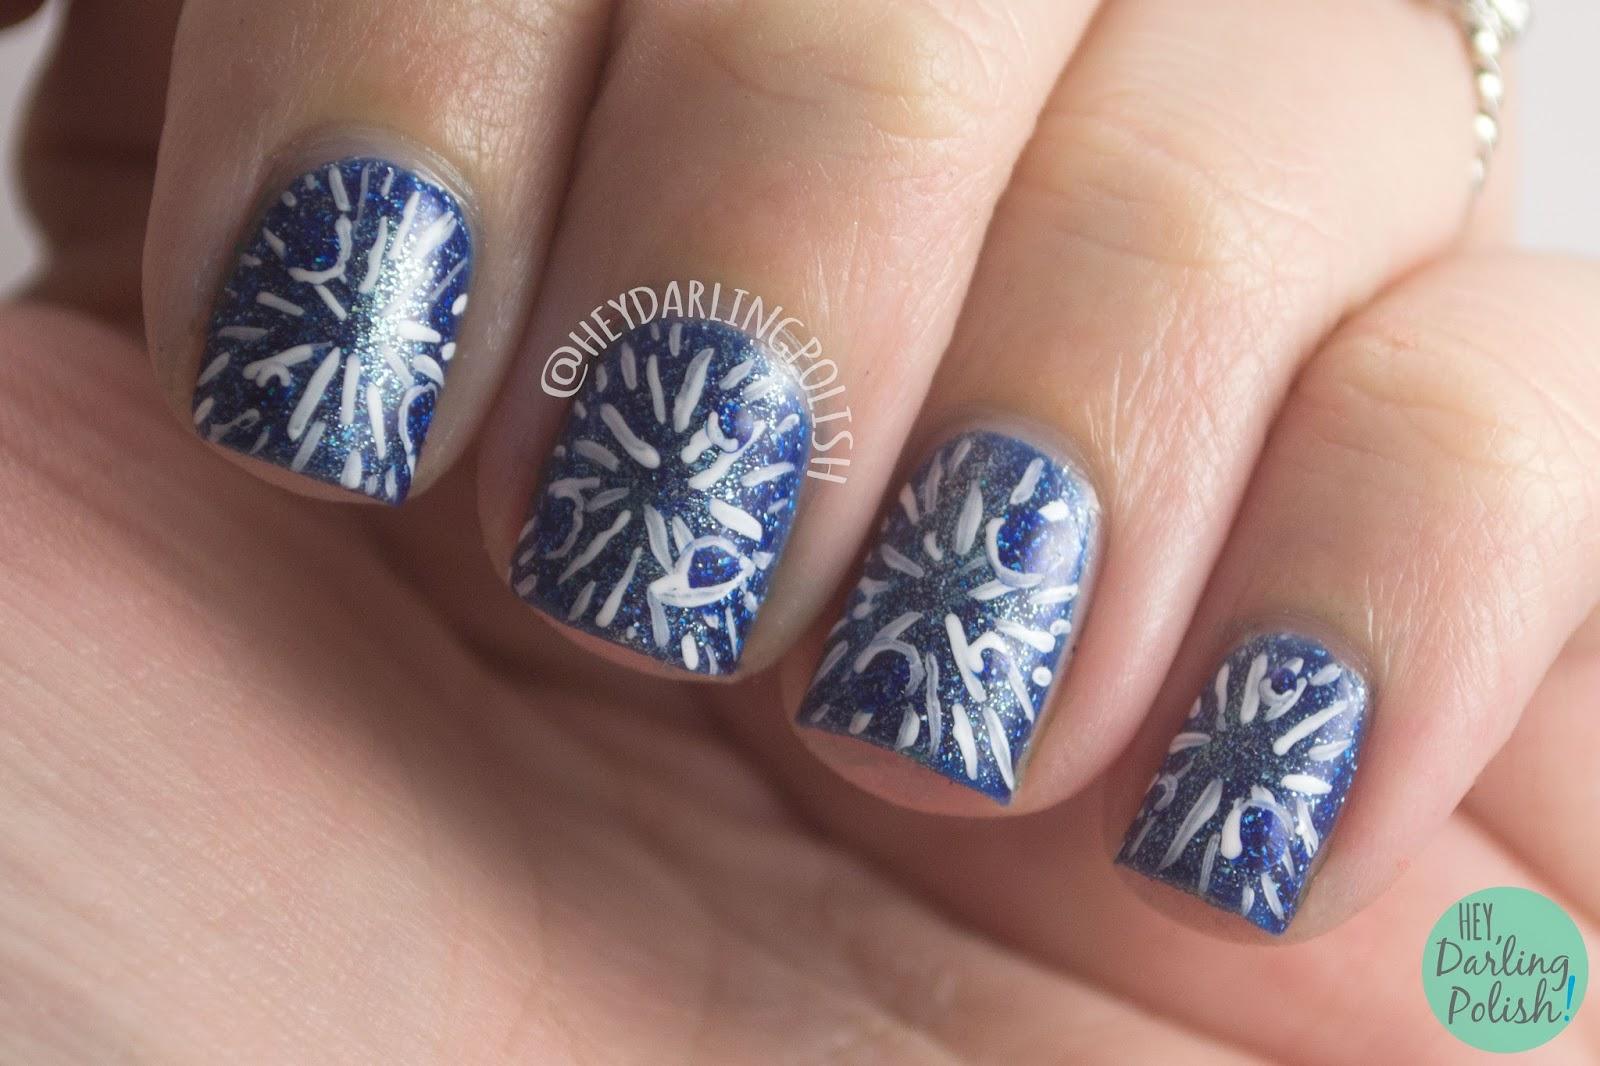 nails, nail art, nail polish, blue, hey darling polish, galaxy, constellations, poster,